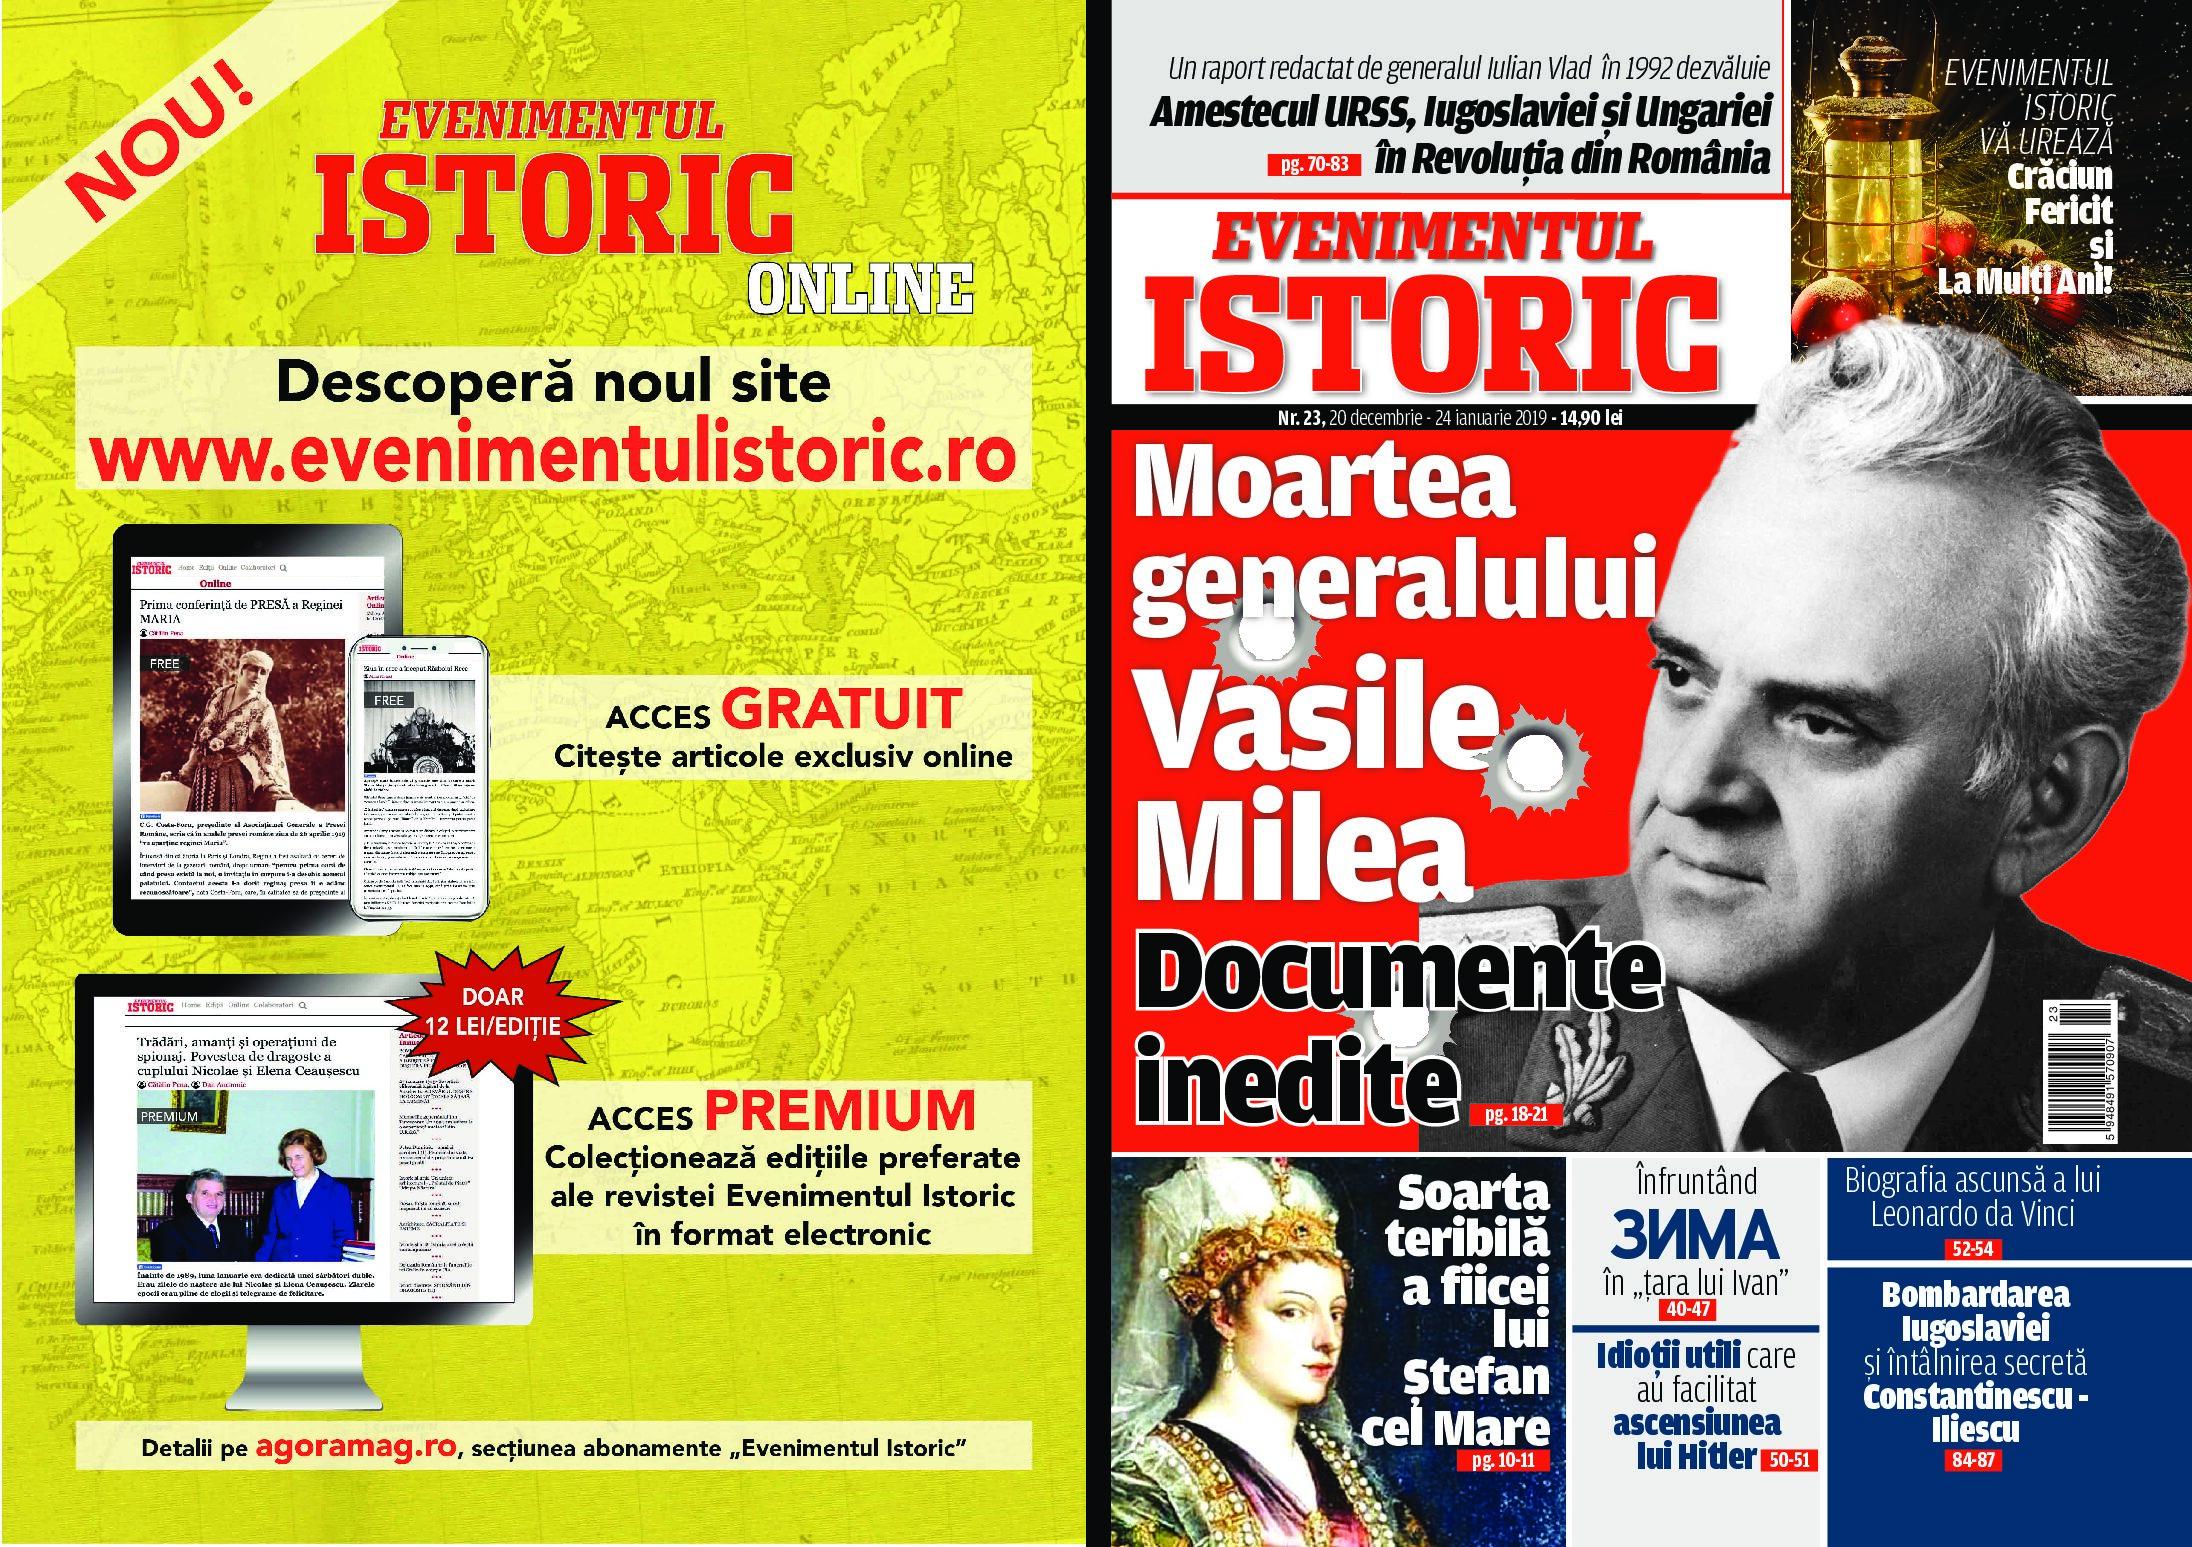 Sinuciderea Generalului Vasile Milea a fost o execuție ordonată de Nicolae Ceaușescu! O ipoteză șocantă